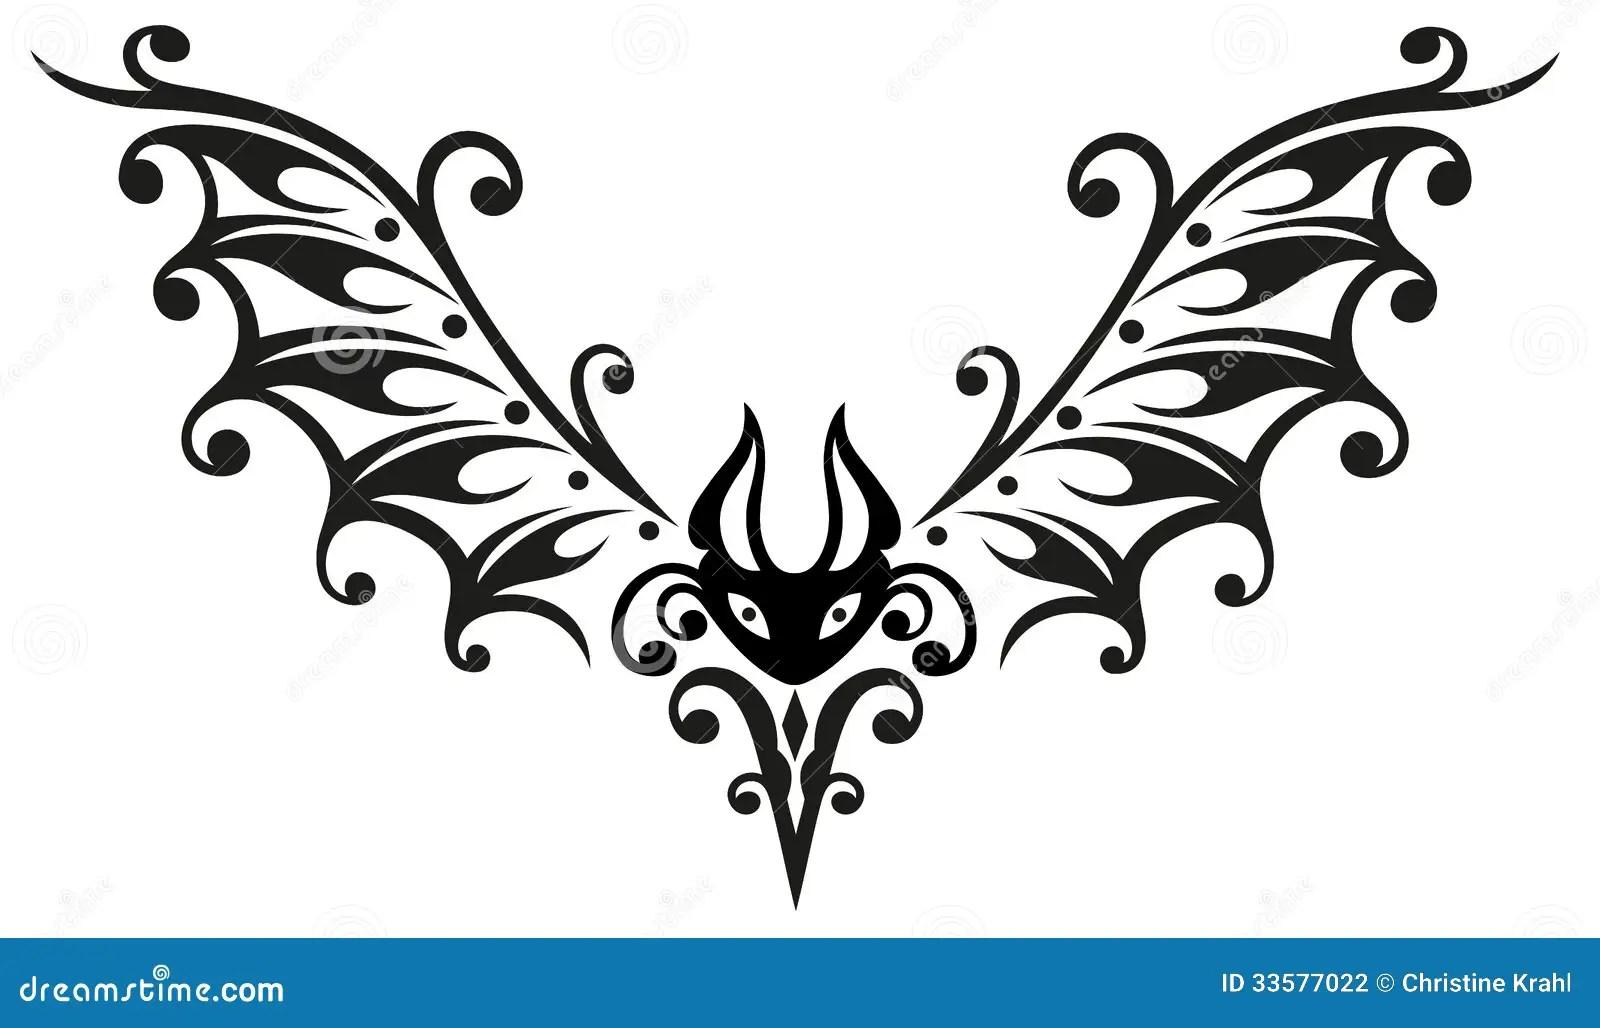 Pipistrello Halloween Tribale Illustrazione Vettoriale